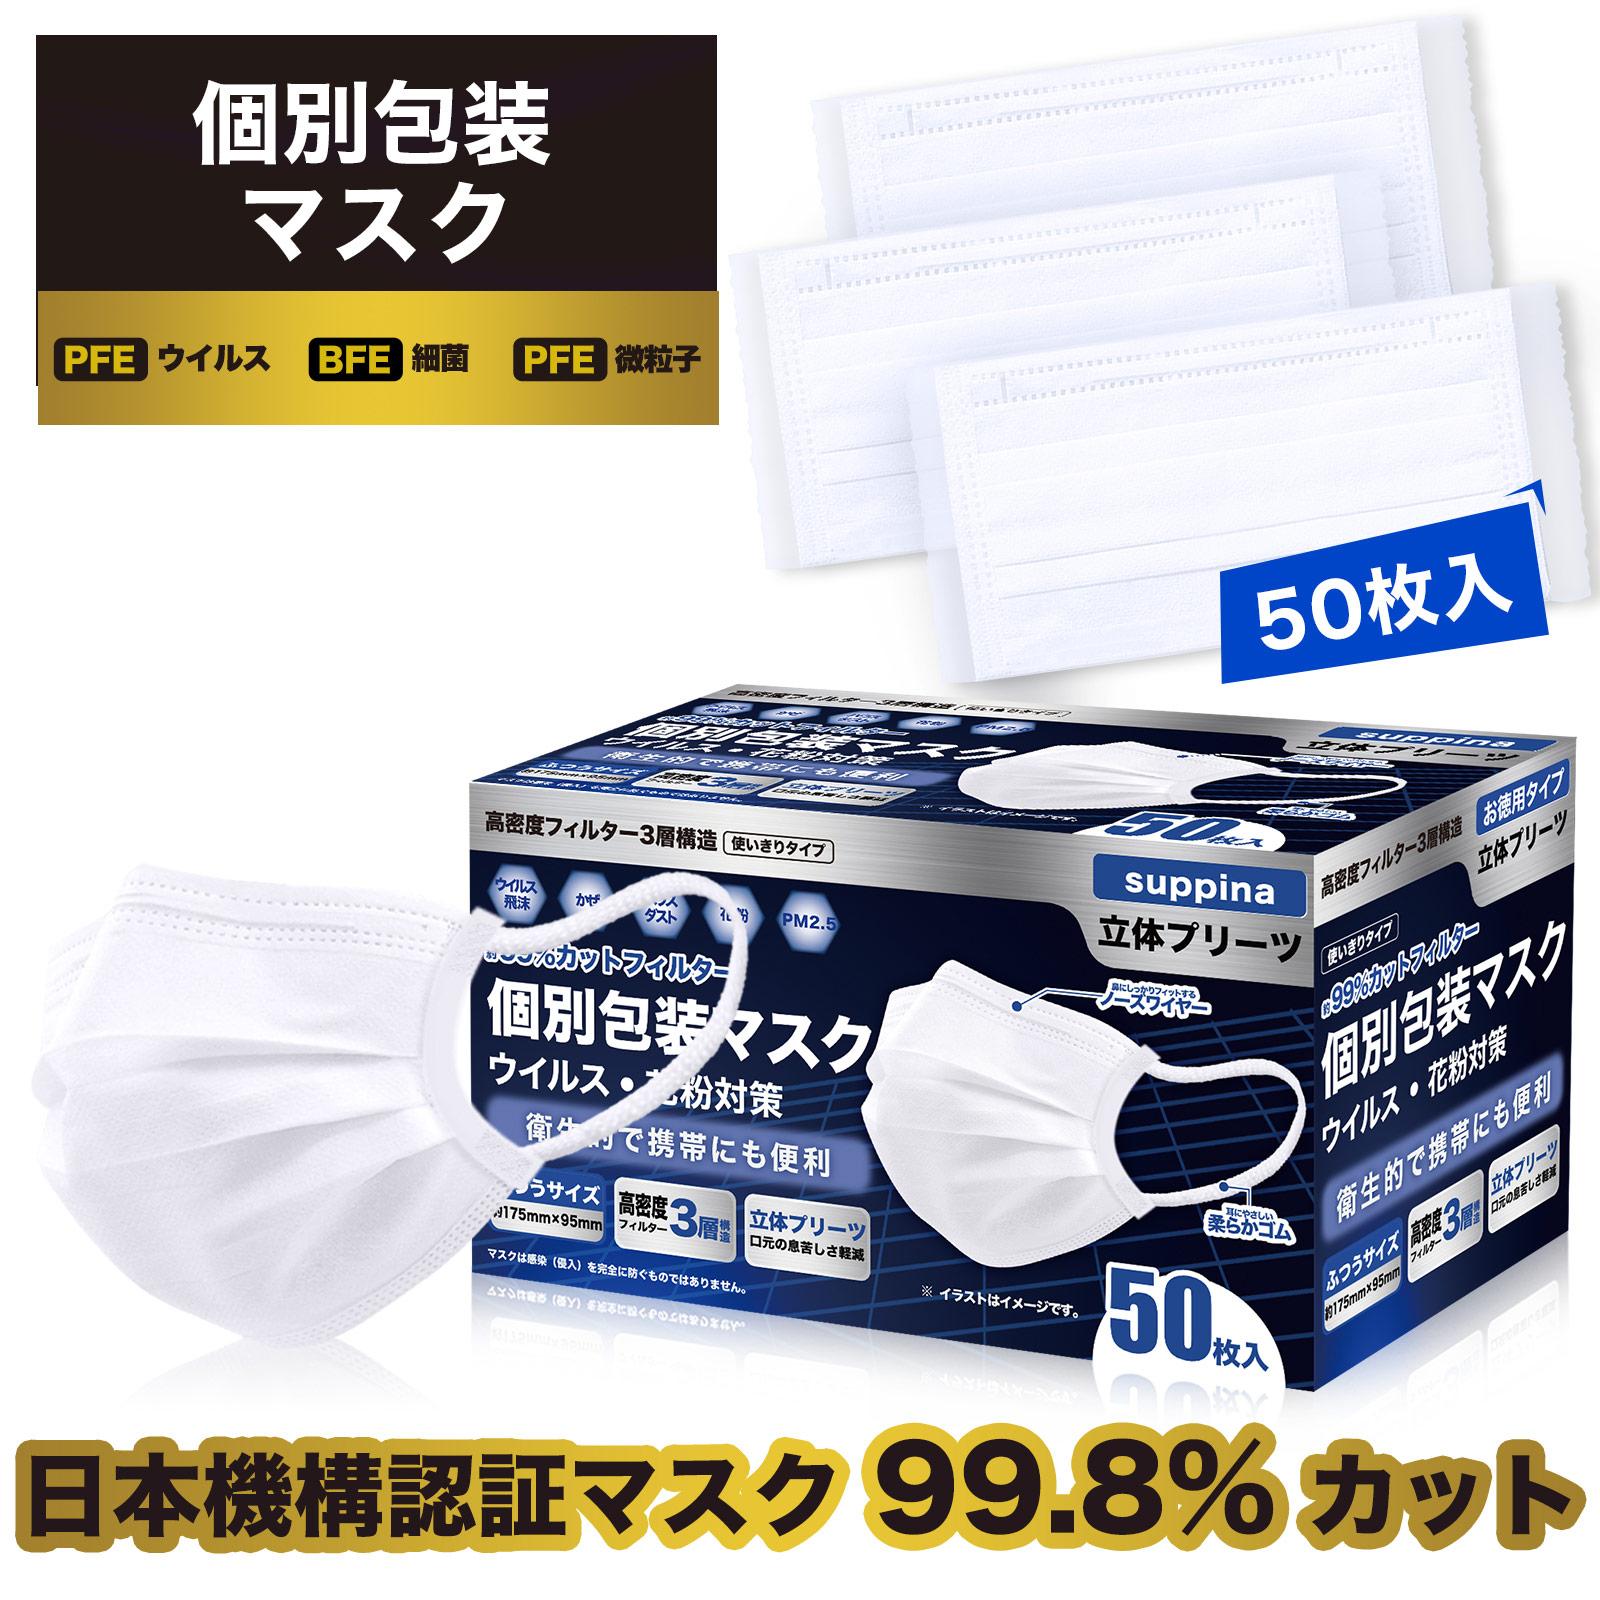 【個包装 50枚入】日本機構認証 大人用 サイズ 99.9%CUT ウイルス飛沫 高品質  サージカルマスク  MASK